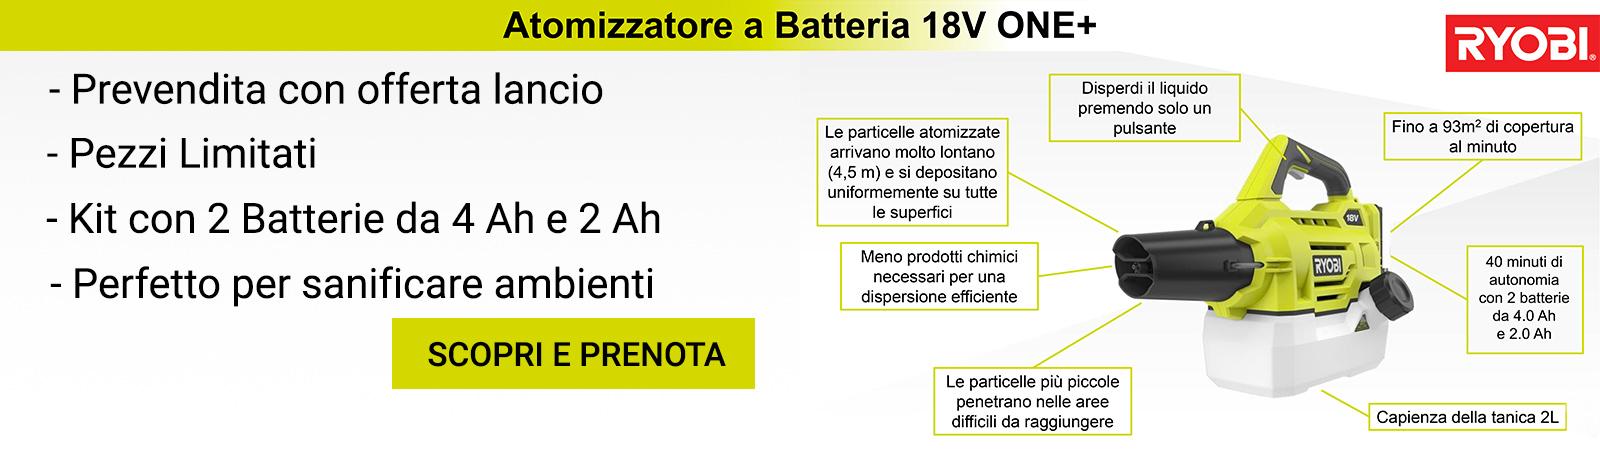 Atomizzatore sanificatore per ambienti - Ryobi RY18FGA a batteria 18V.